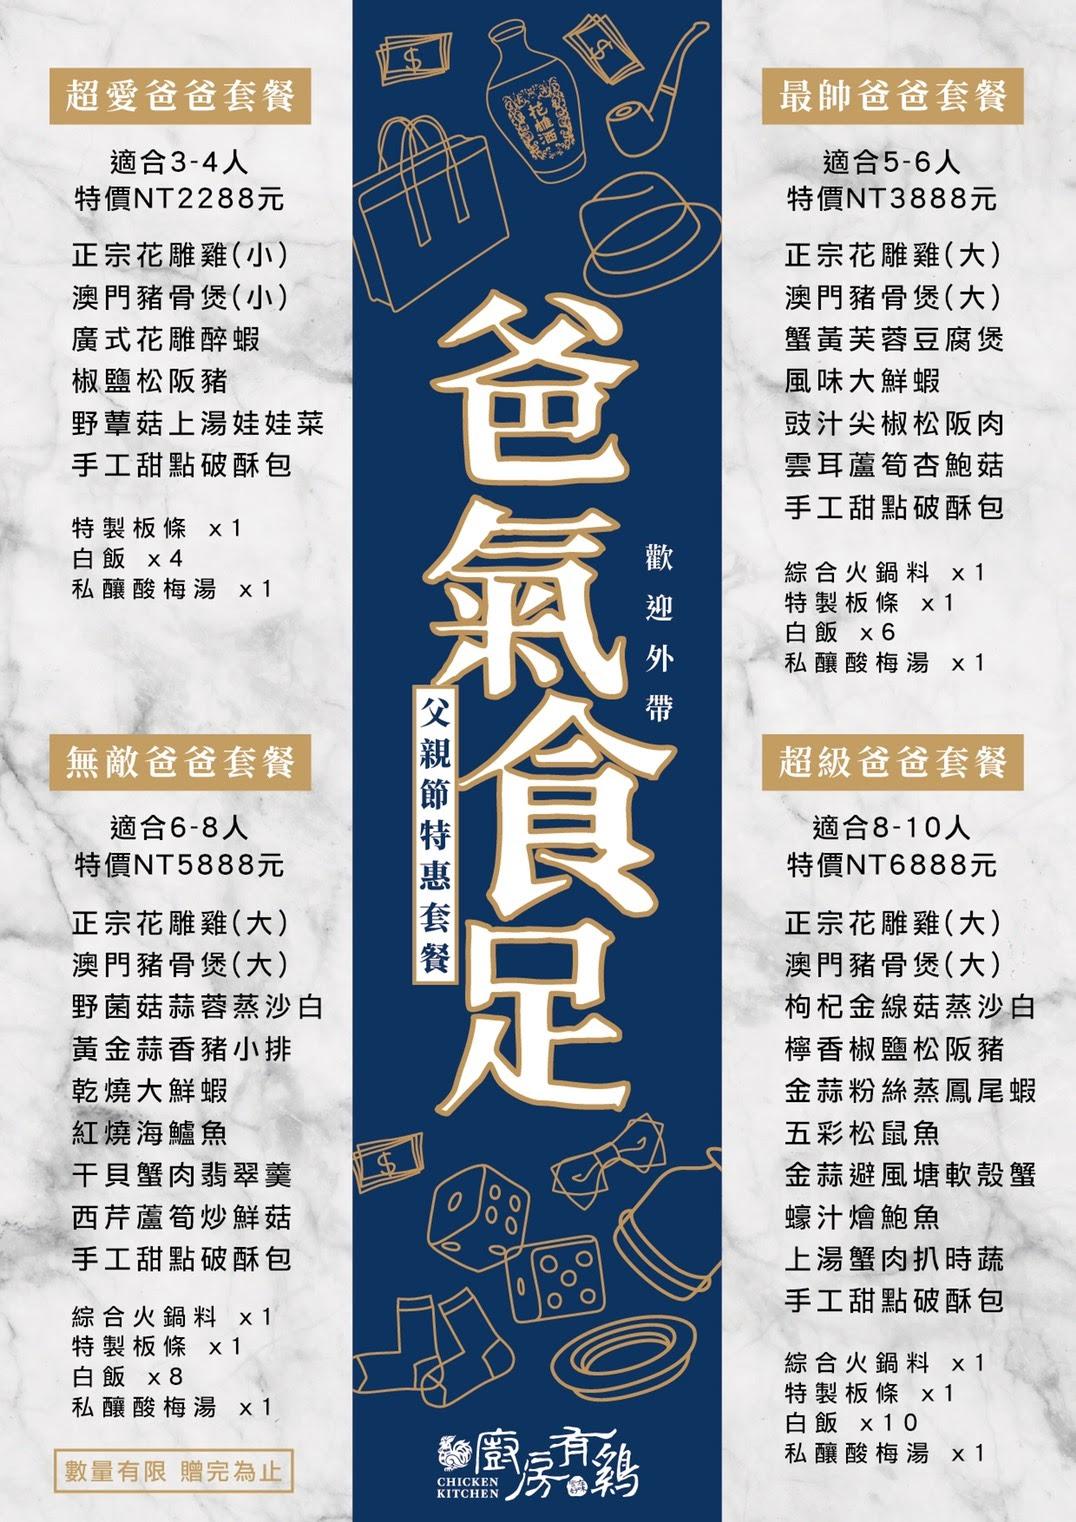 台南東區美食【廚房有雞花雕雞】爸氣食足活動介紹